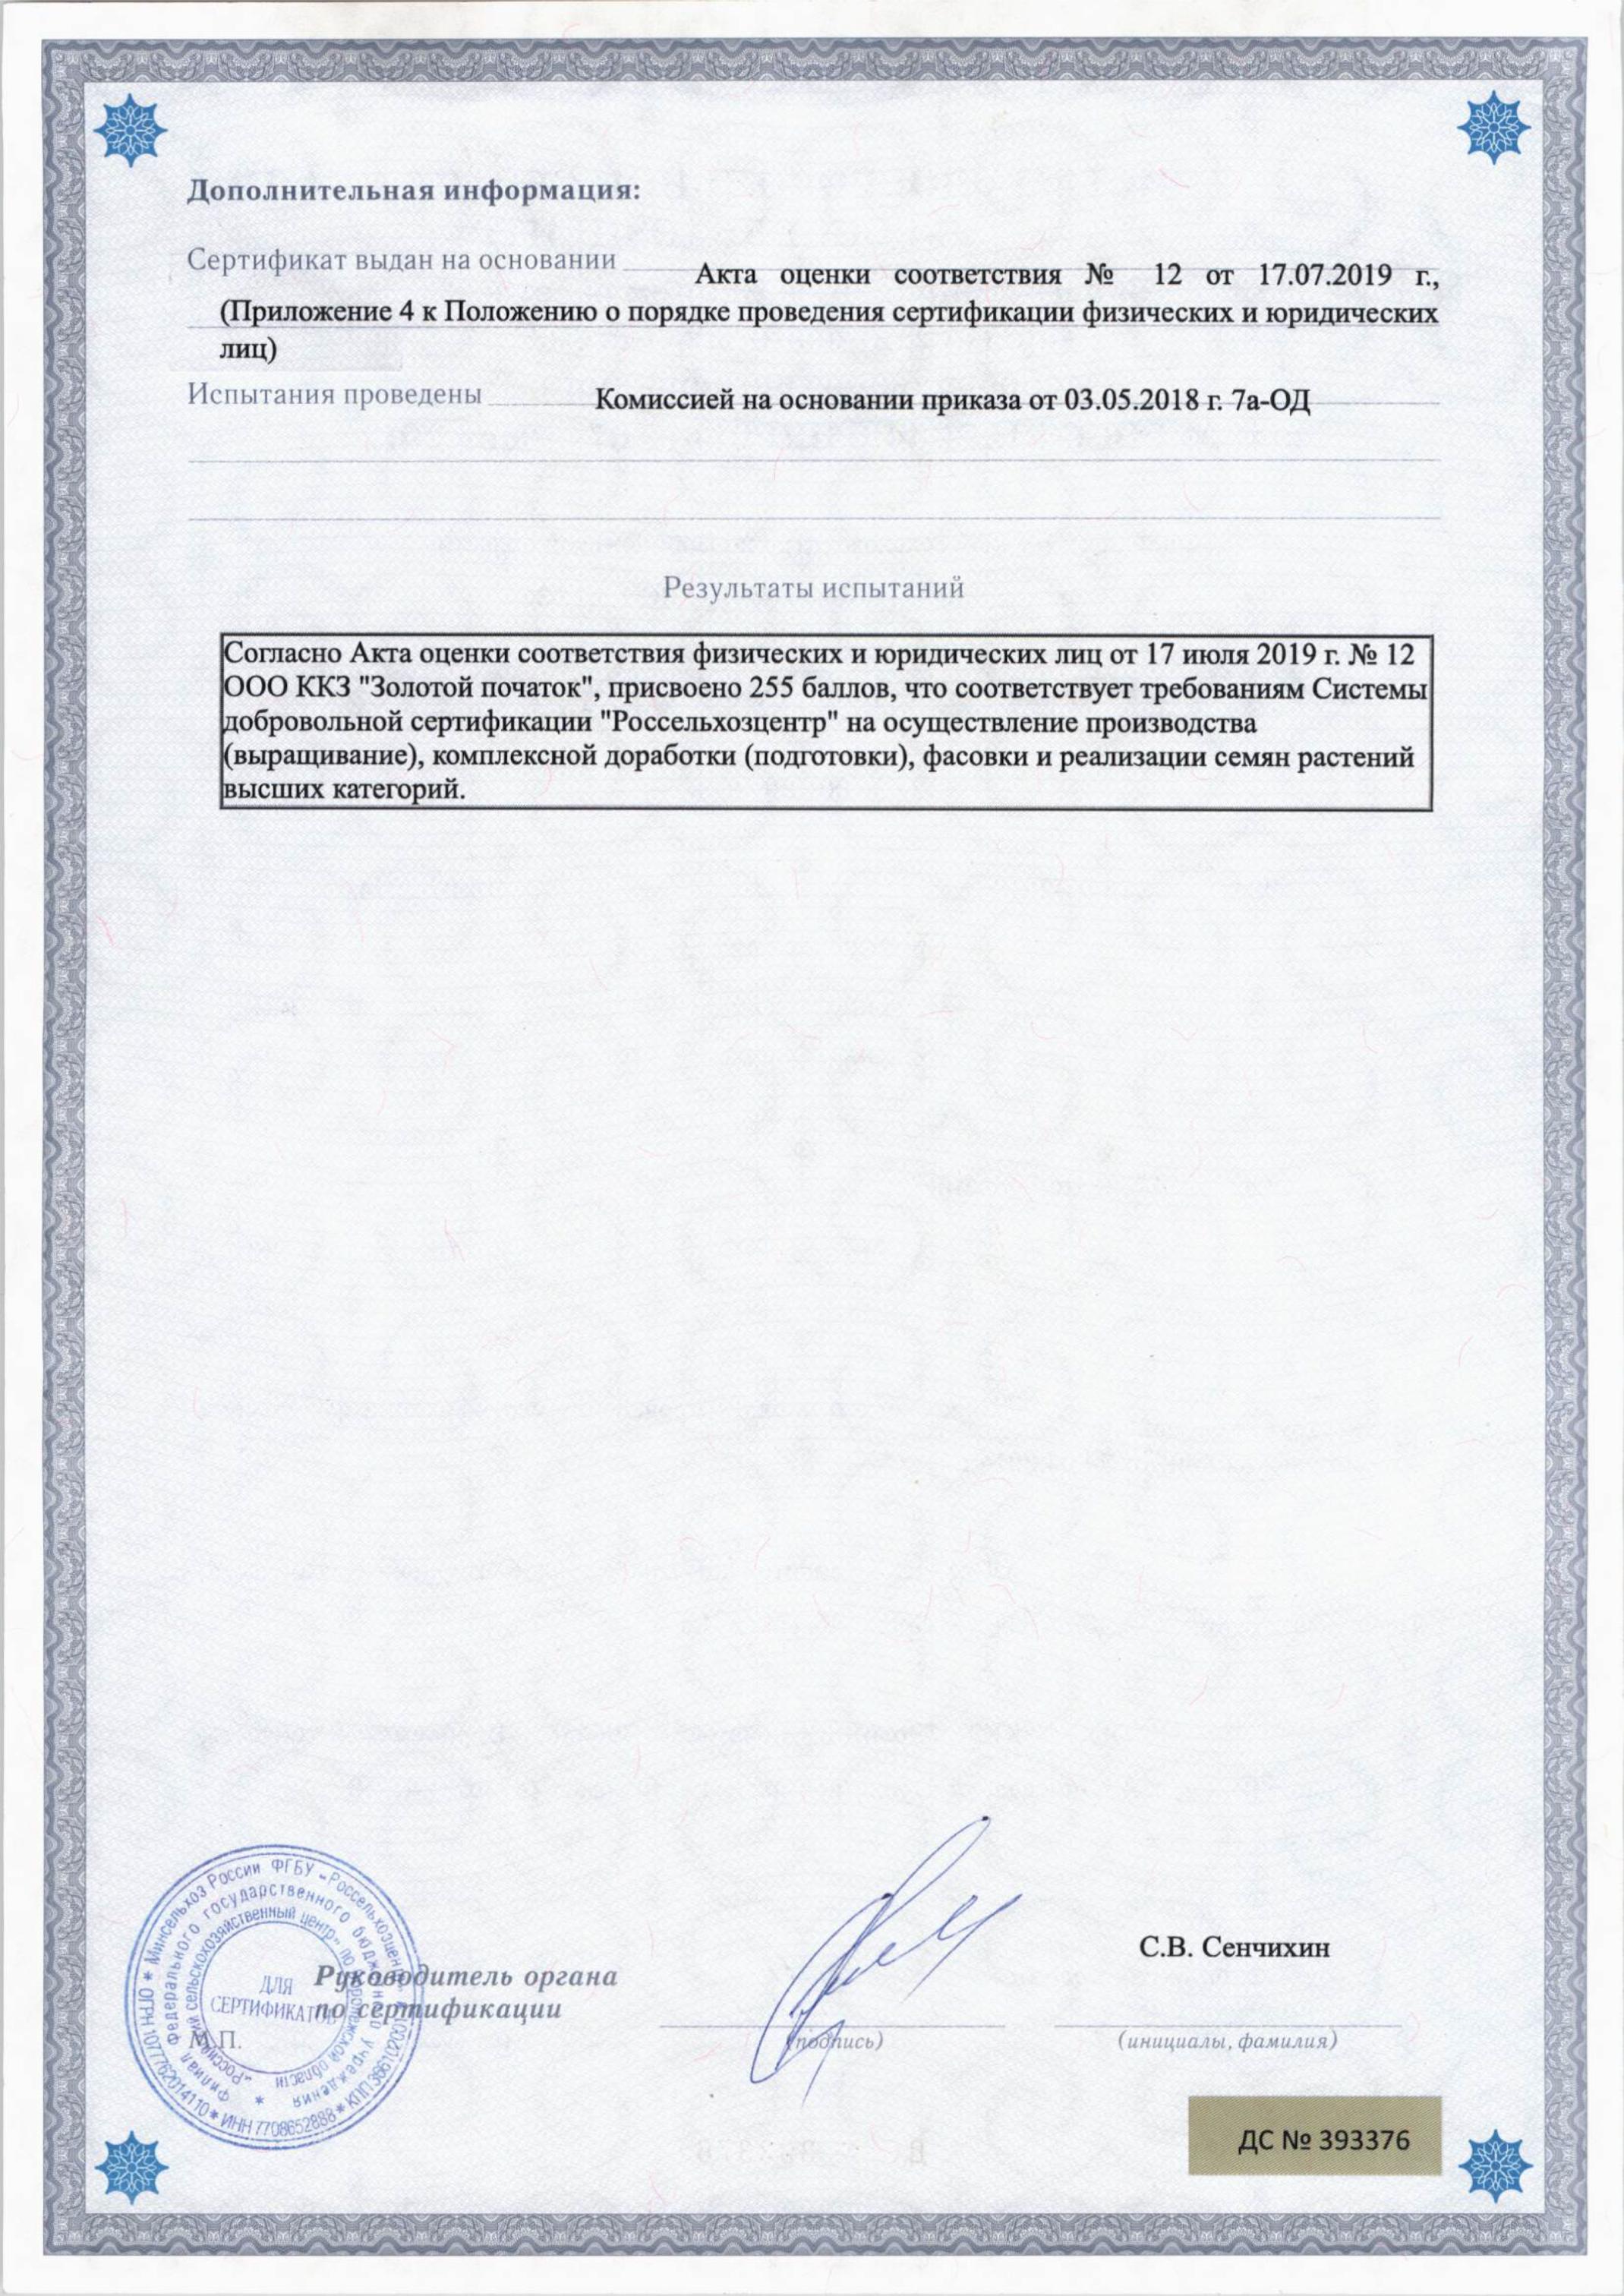 Сертификат соответствия Золотой початок 2